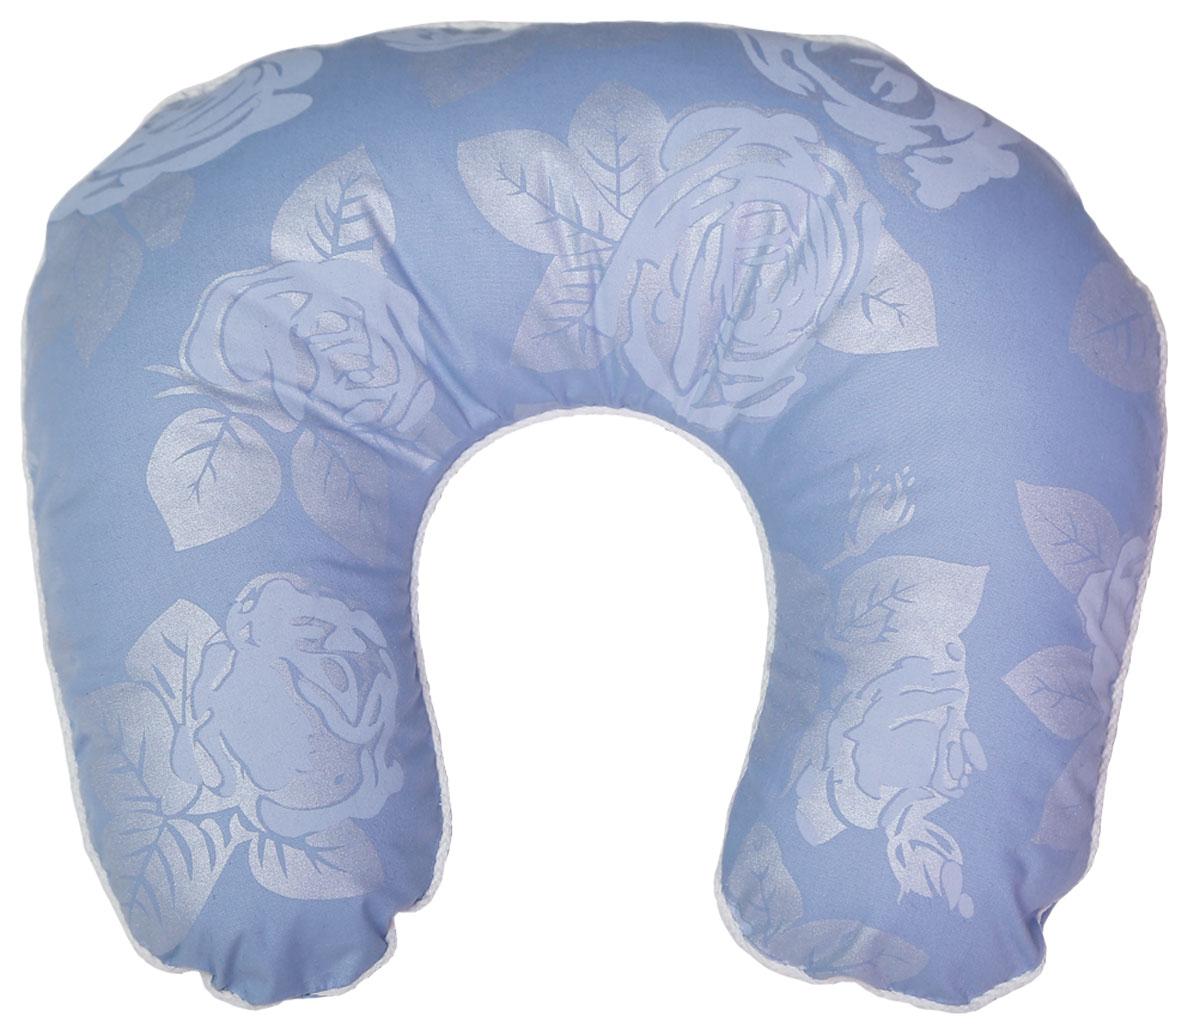 Подушка ортопедическая Bio-Textiles Подкова, наполнитель: лебяжий пух, цвет: голубой, 40 х 40 см. F510F510Подушка Подкова незаменима при длительных поездках или перелетах. Она снимаетнапряжение, учитывая анатомо-физиологические особенности шейного отдела позвоночника. Также обеспечивает во время сна мягкую опору головы, массажное воздействие на мышцы шейногоотдела позвонка и их релаксацию.